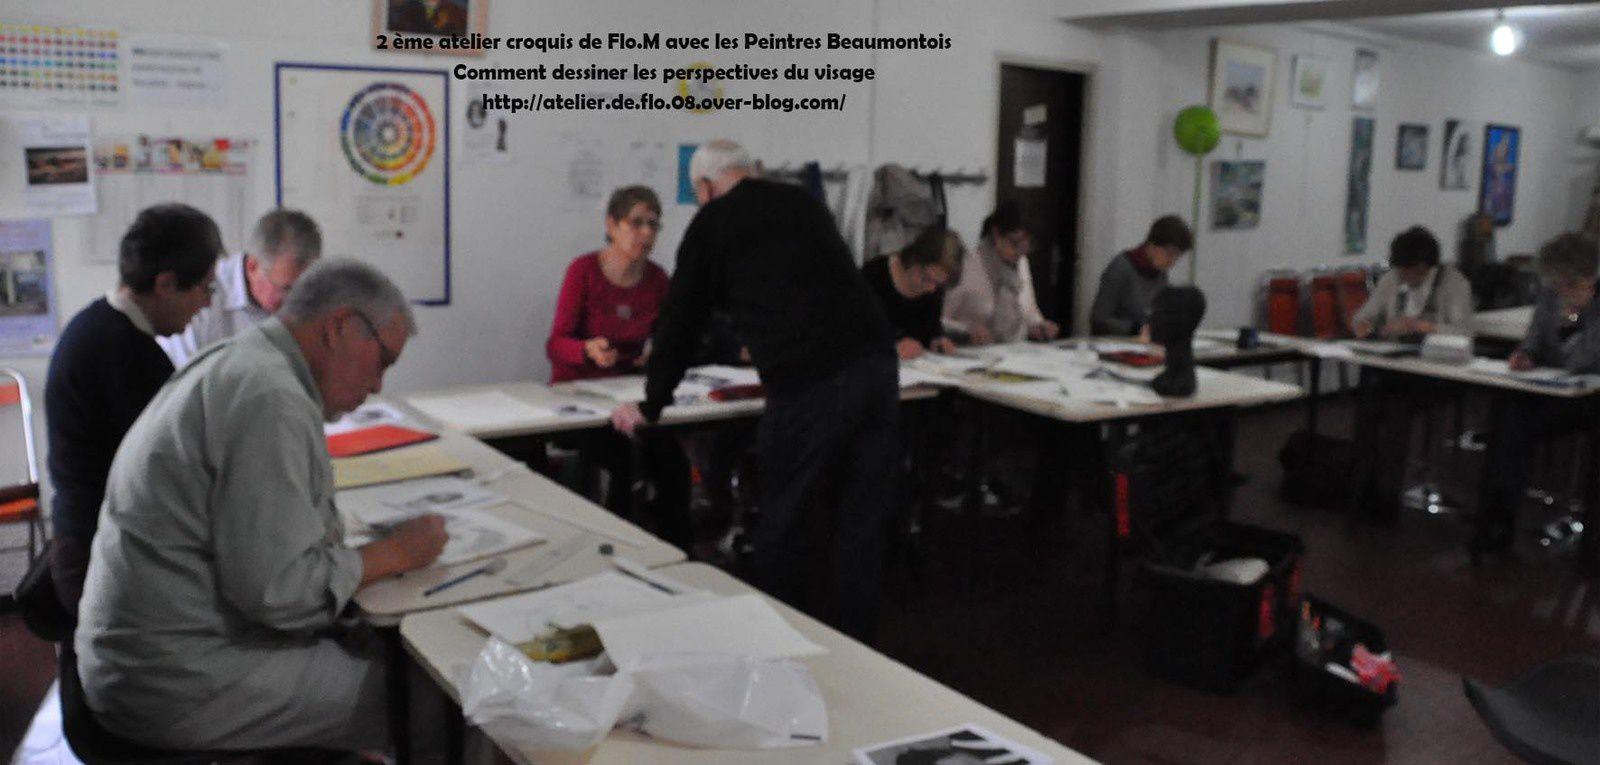 Le 2ème groupe de l'Association des Peintres Beaumontois